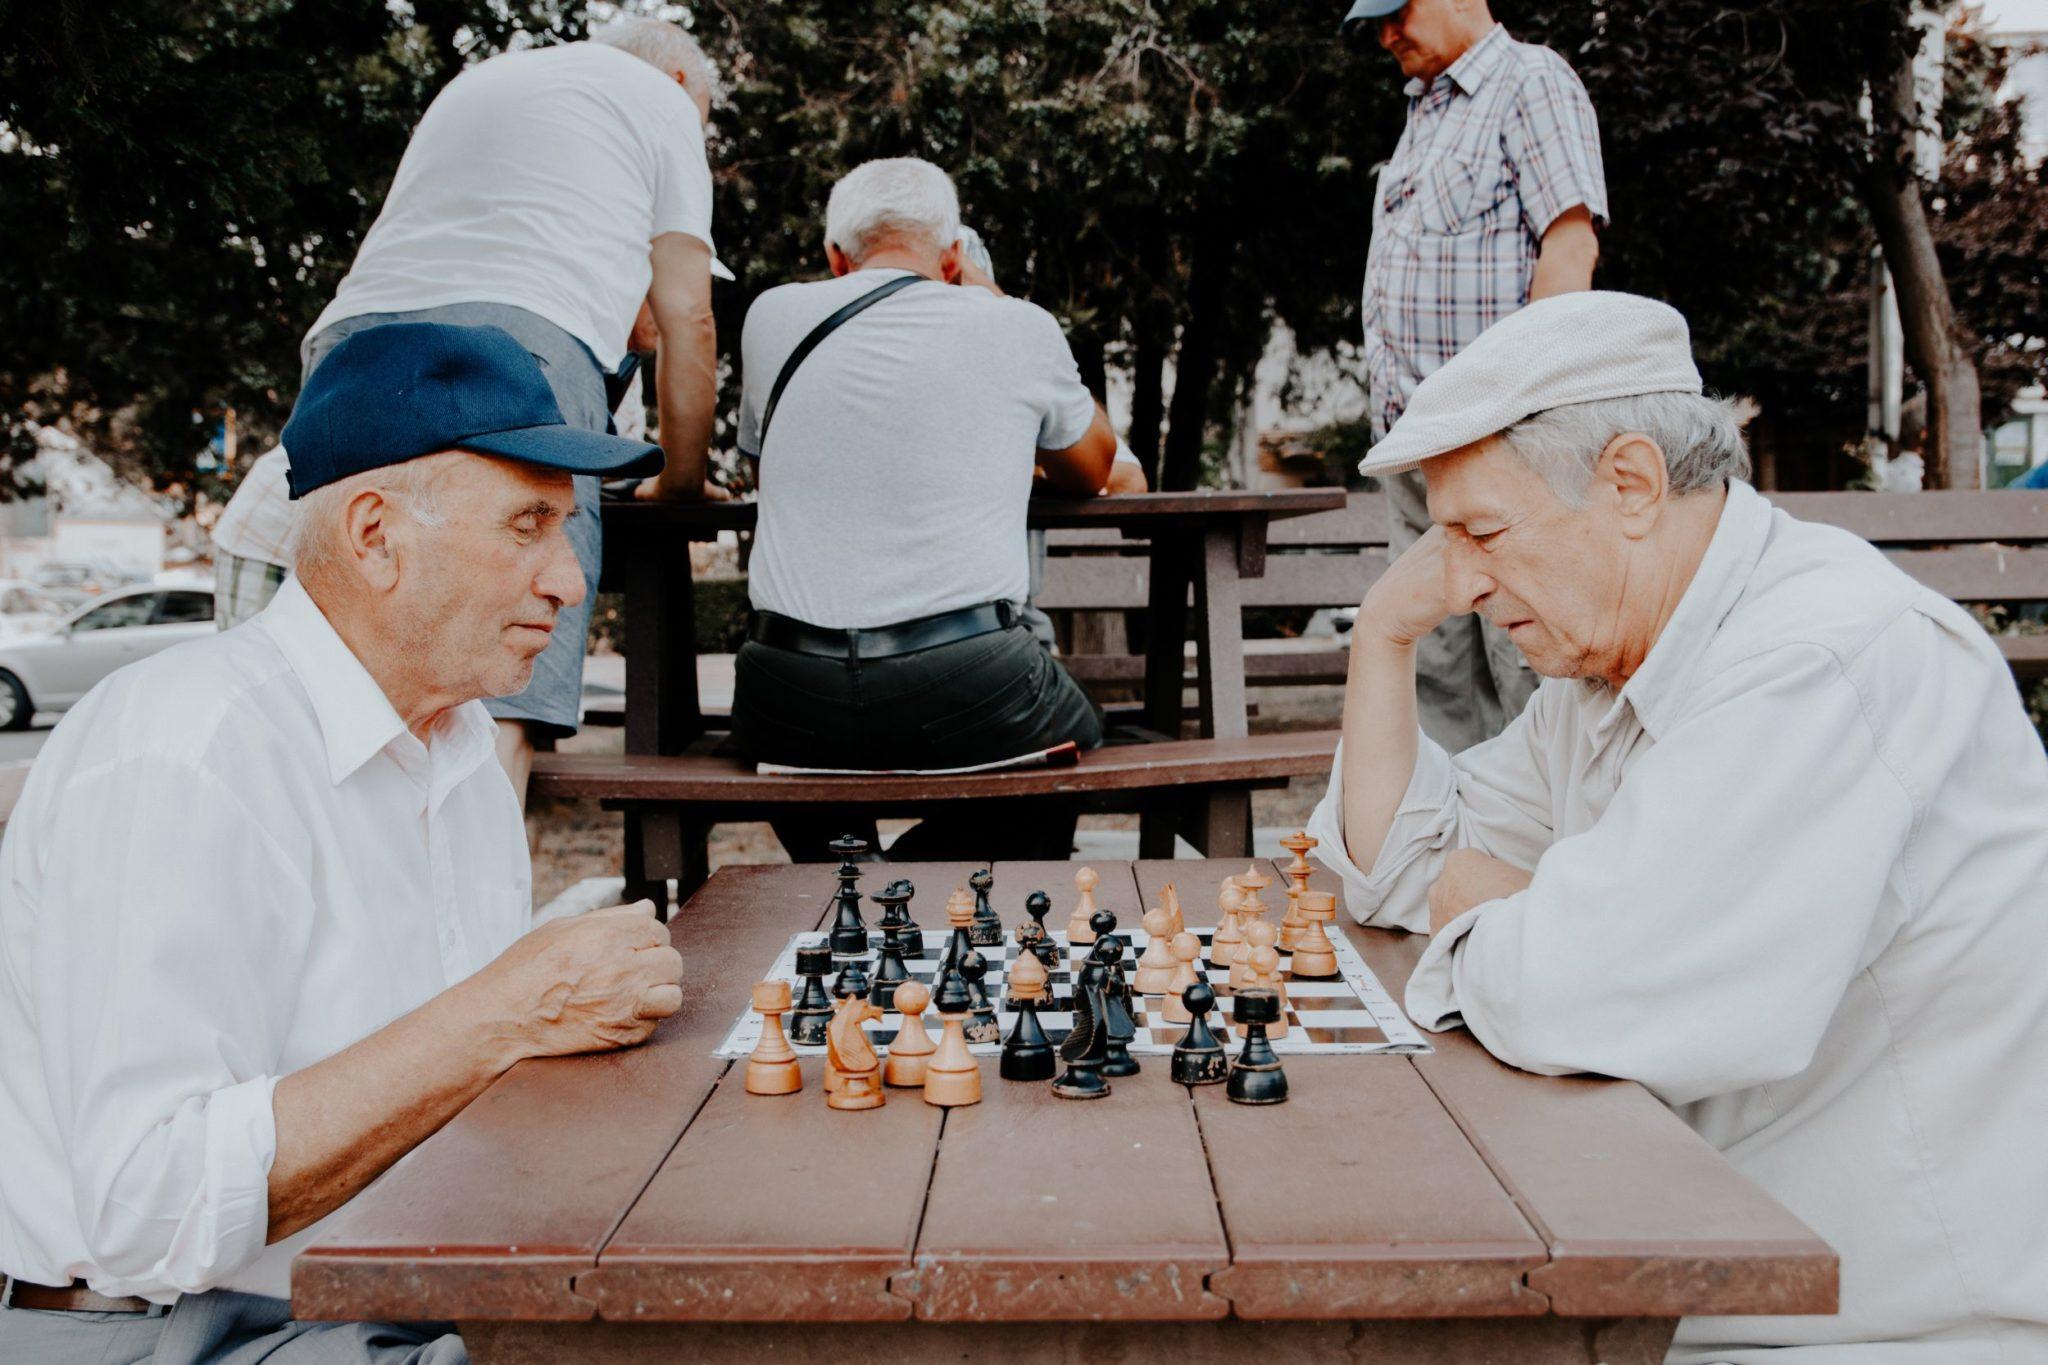 Rentner beim Schach